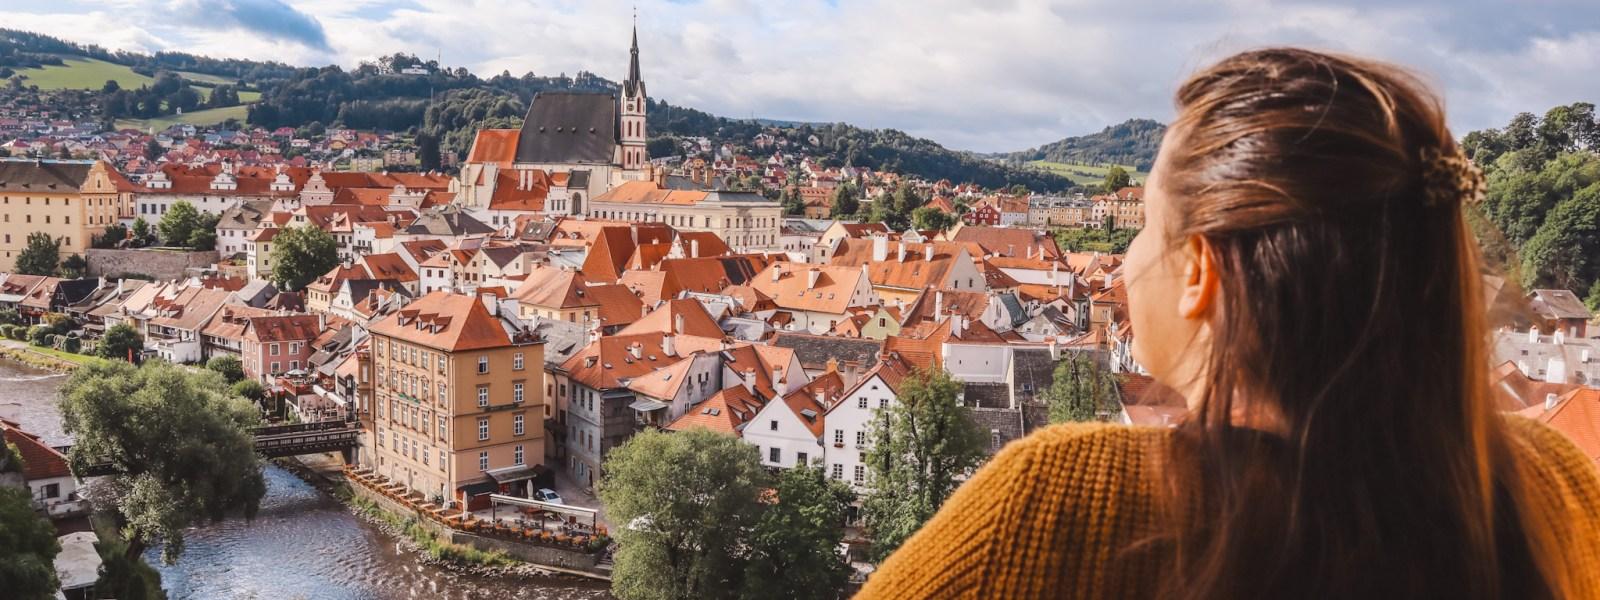 The best viewpoints in Český Krumlov